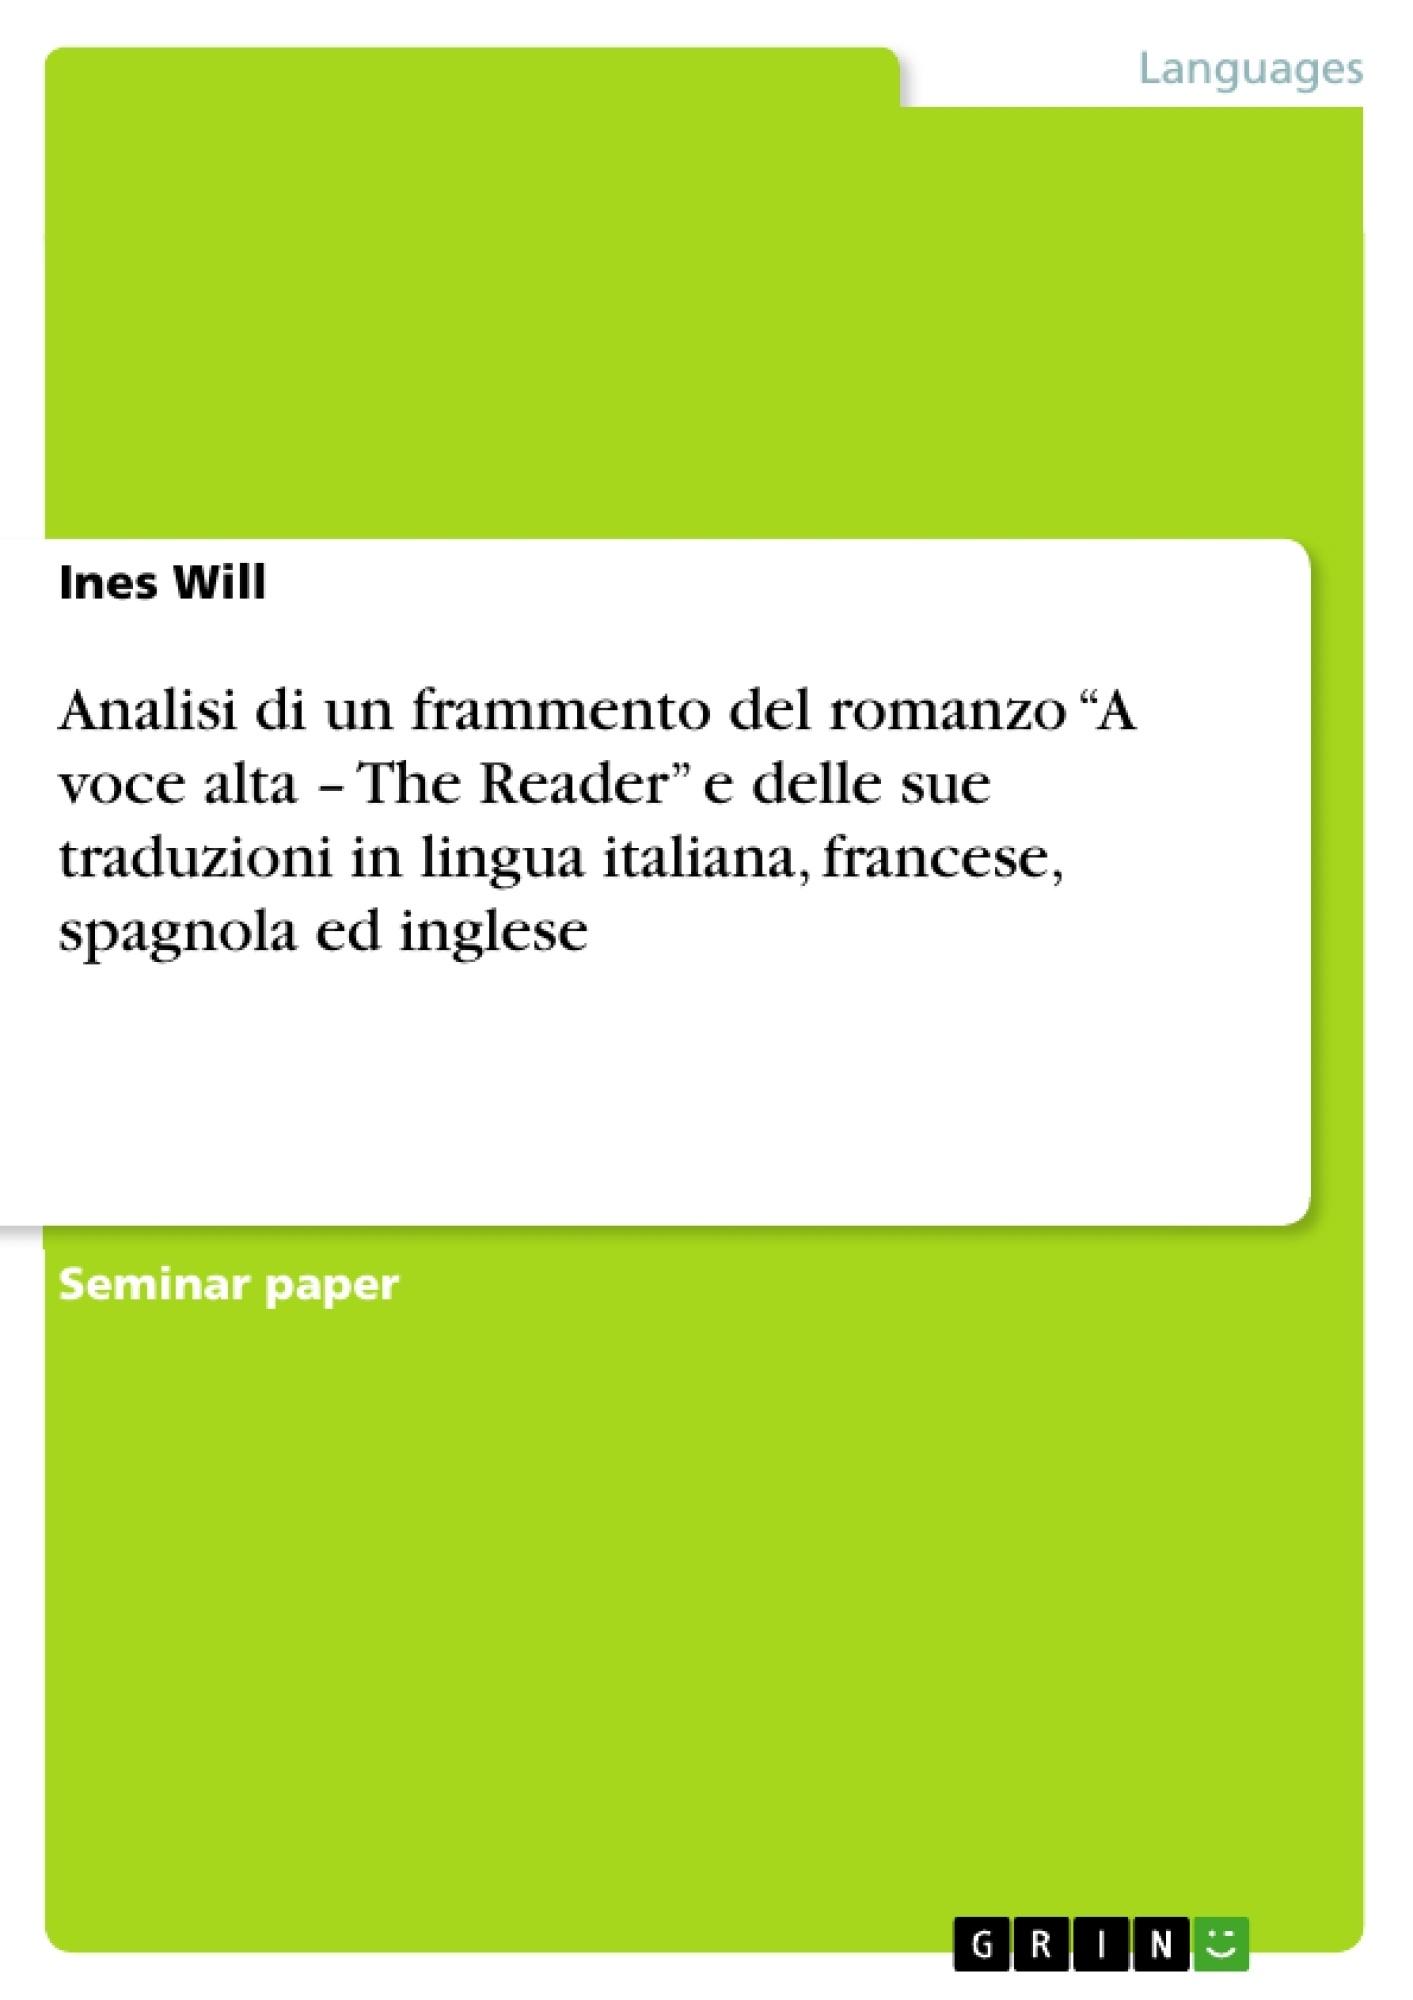 """Title: Analisi di un frammento del romanzo """"A voce alta – The Reader"""" e delle sue traduzioni in lingua italiana, francese, spagnola ed inglese"""